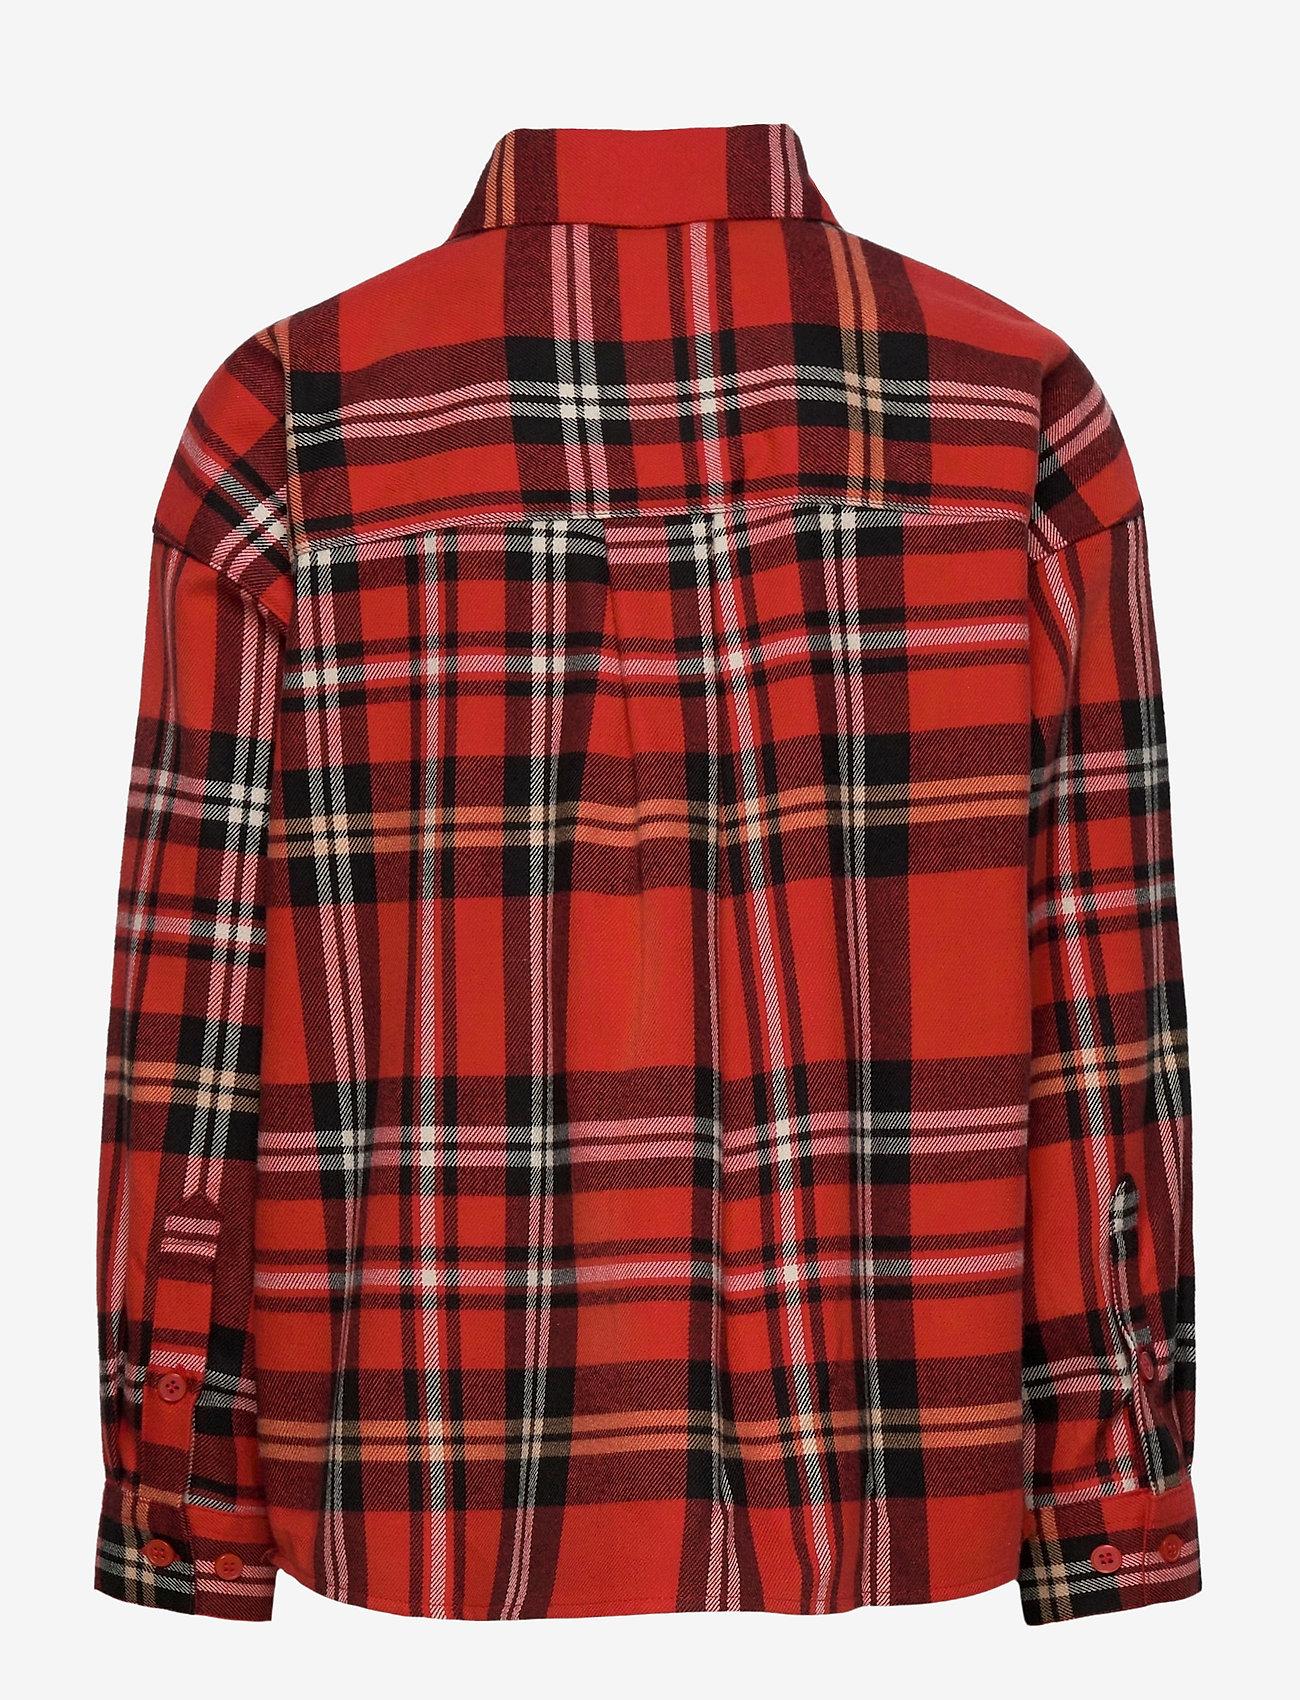 Mini Rodini - Woven flanell shirt - shirts - red - 1